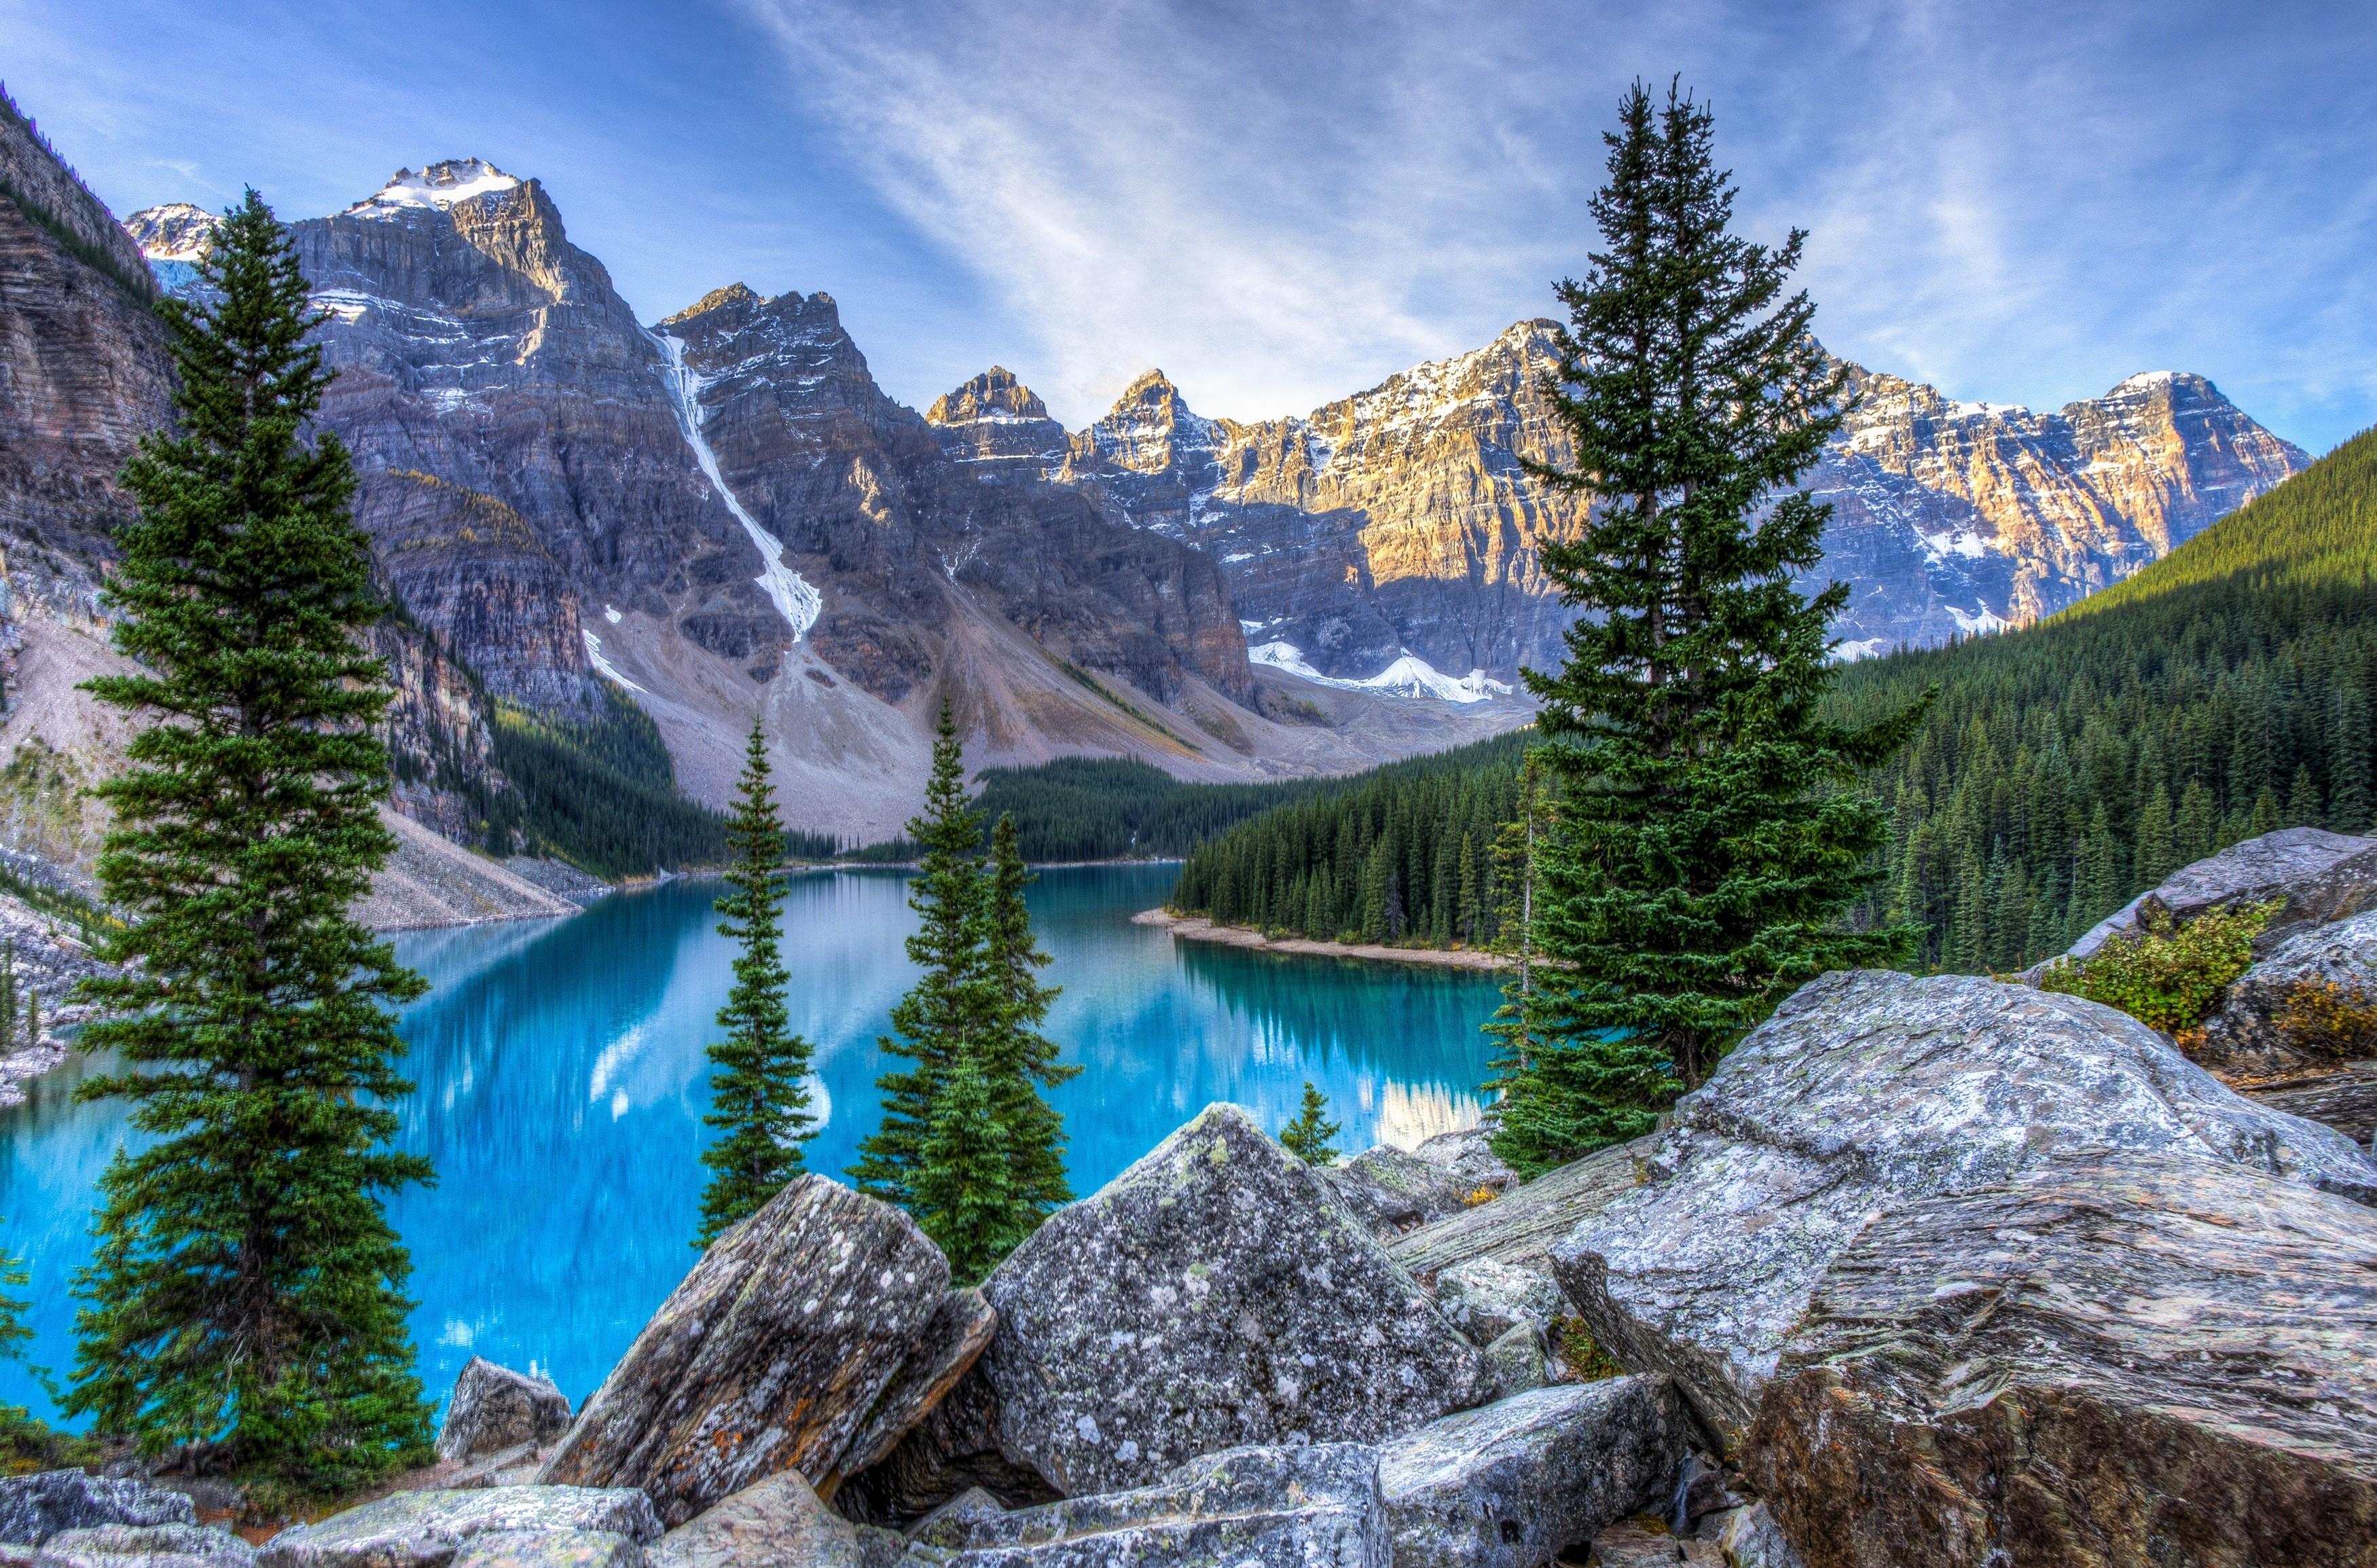 Облака над озером, галька, горы, лес  № 2950407 бесплатно